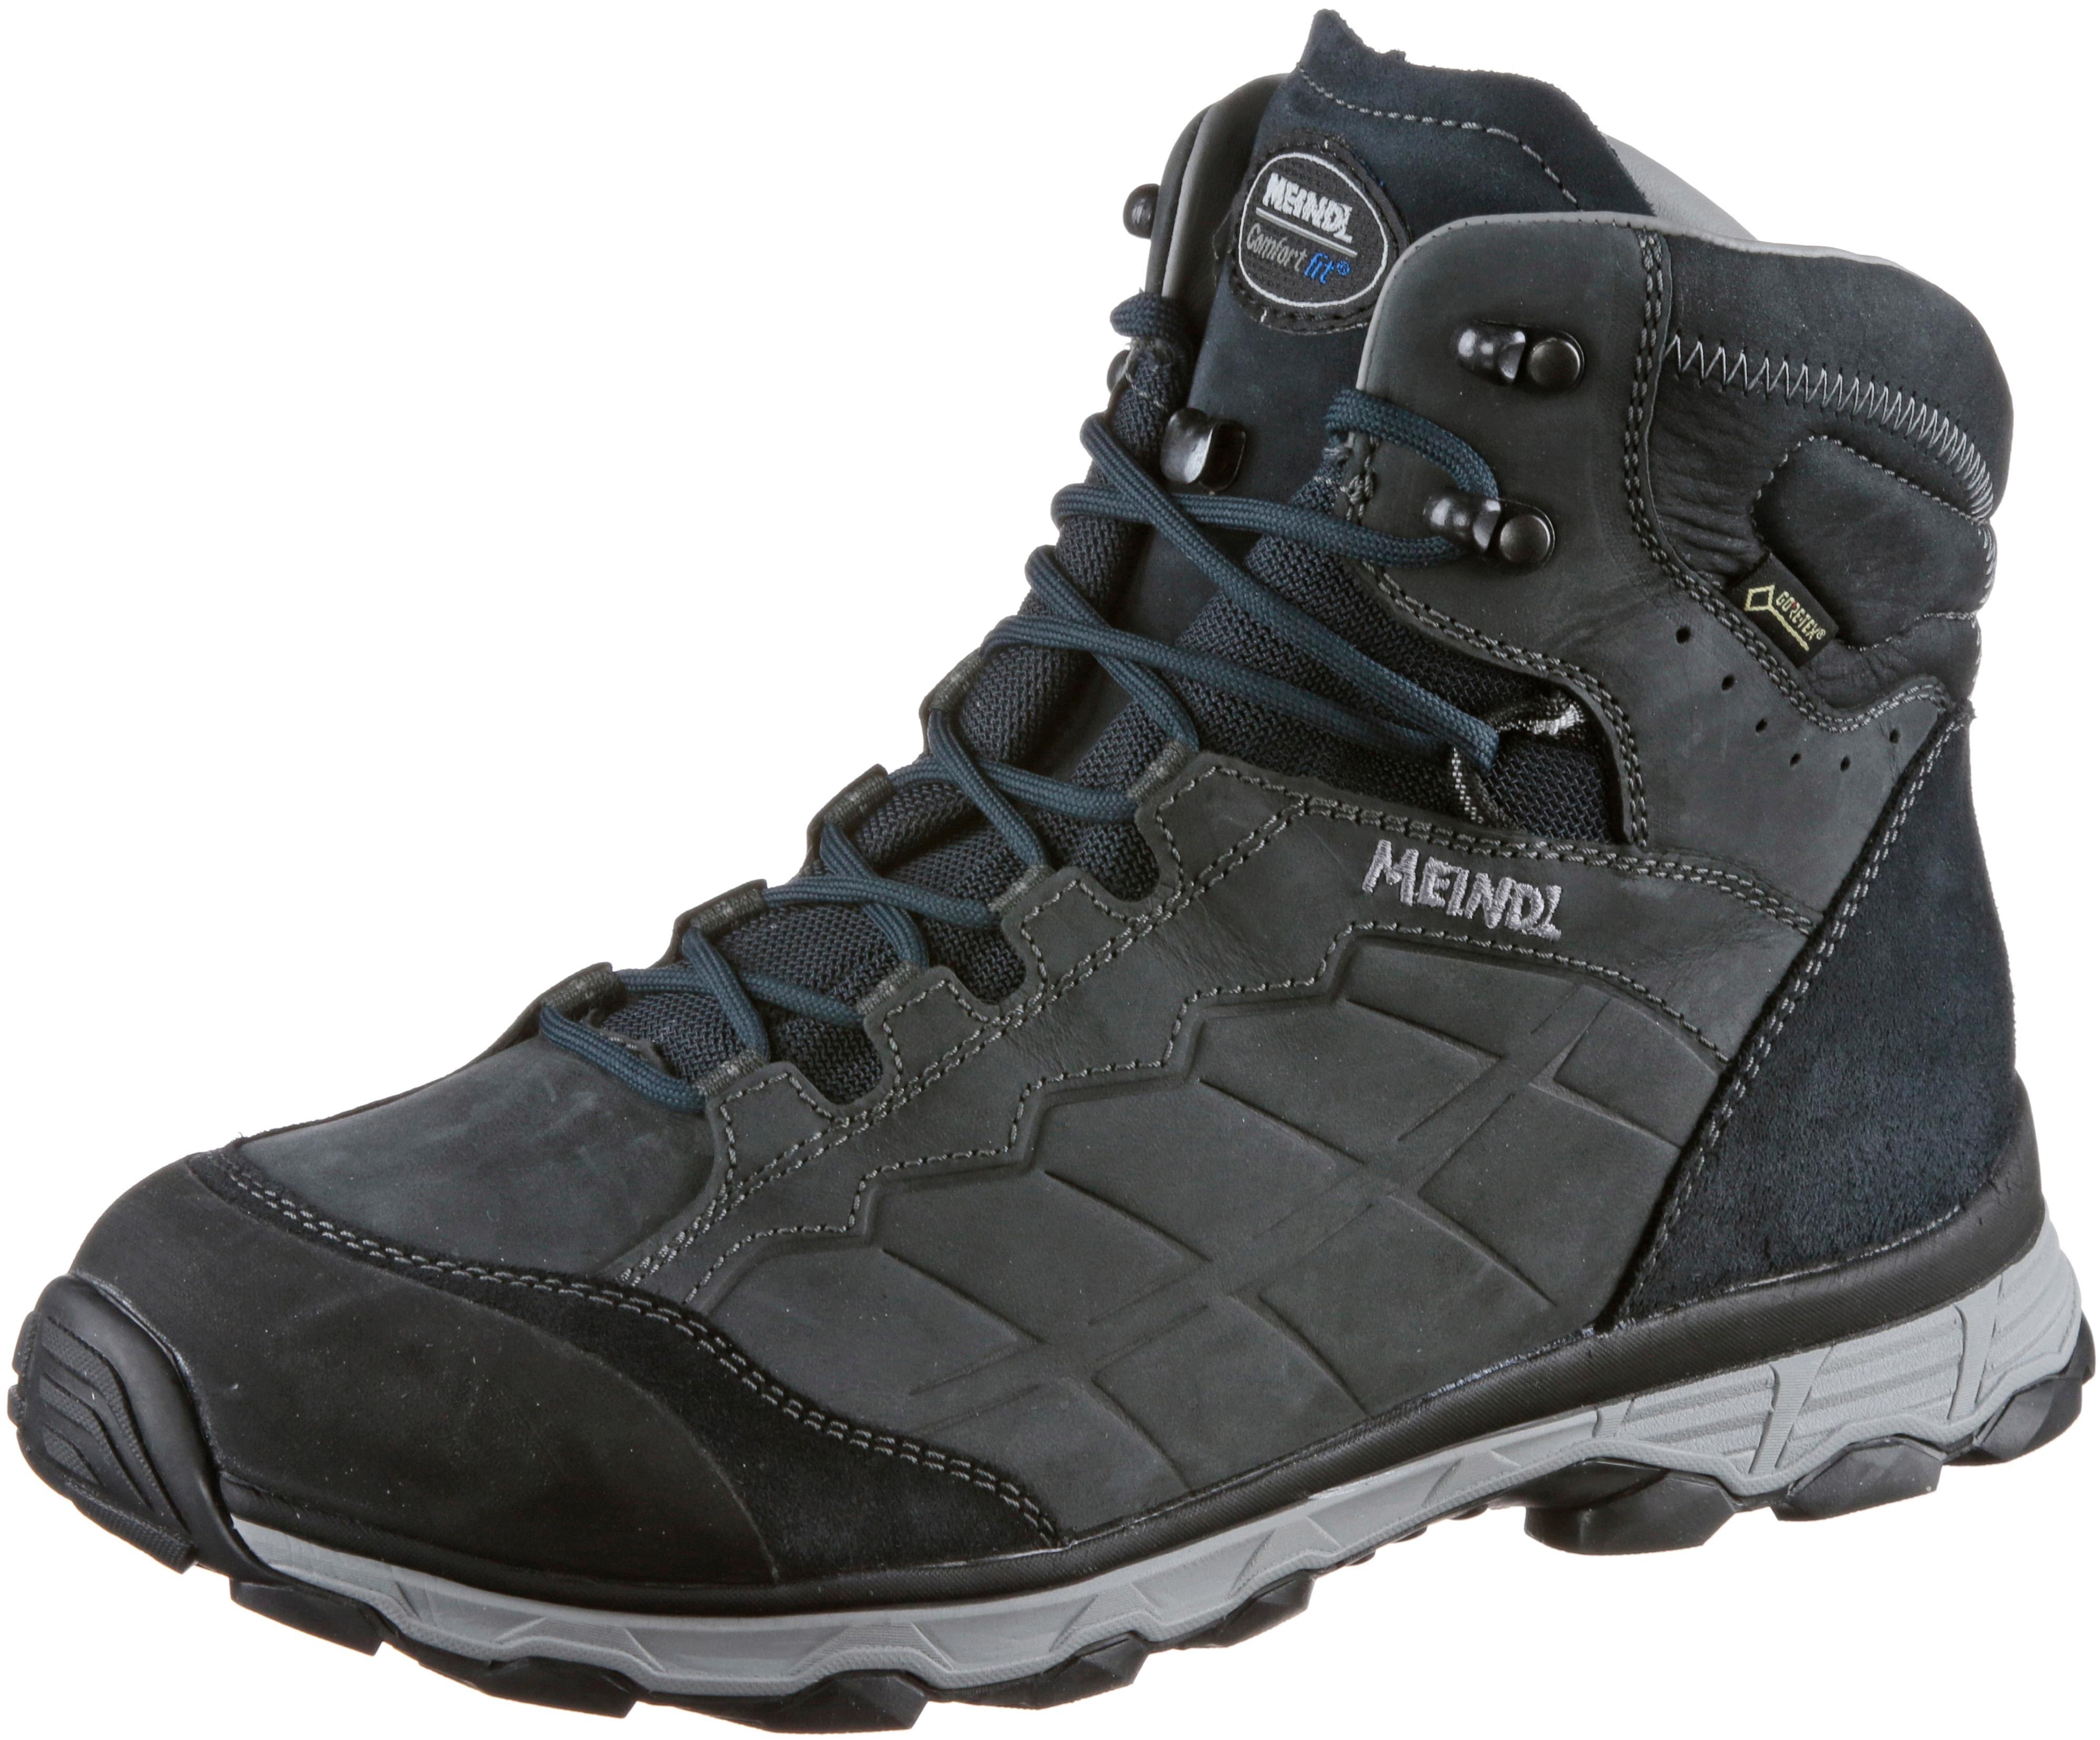 MEINDL Tramin GTX Wanderschuhe Herren marine im Online Online Online Shop von SportScheck kaufen Gute Qualität beliebte Schuhe 260b27